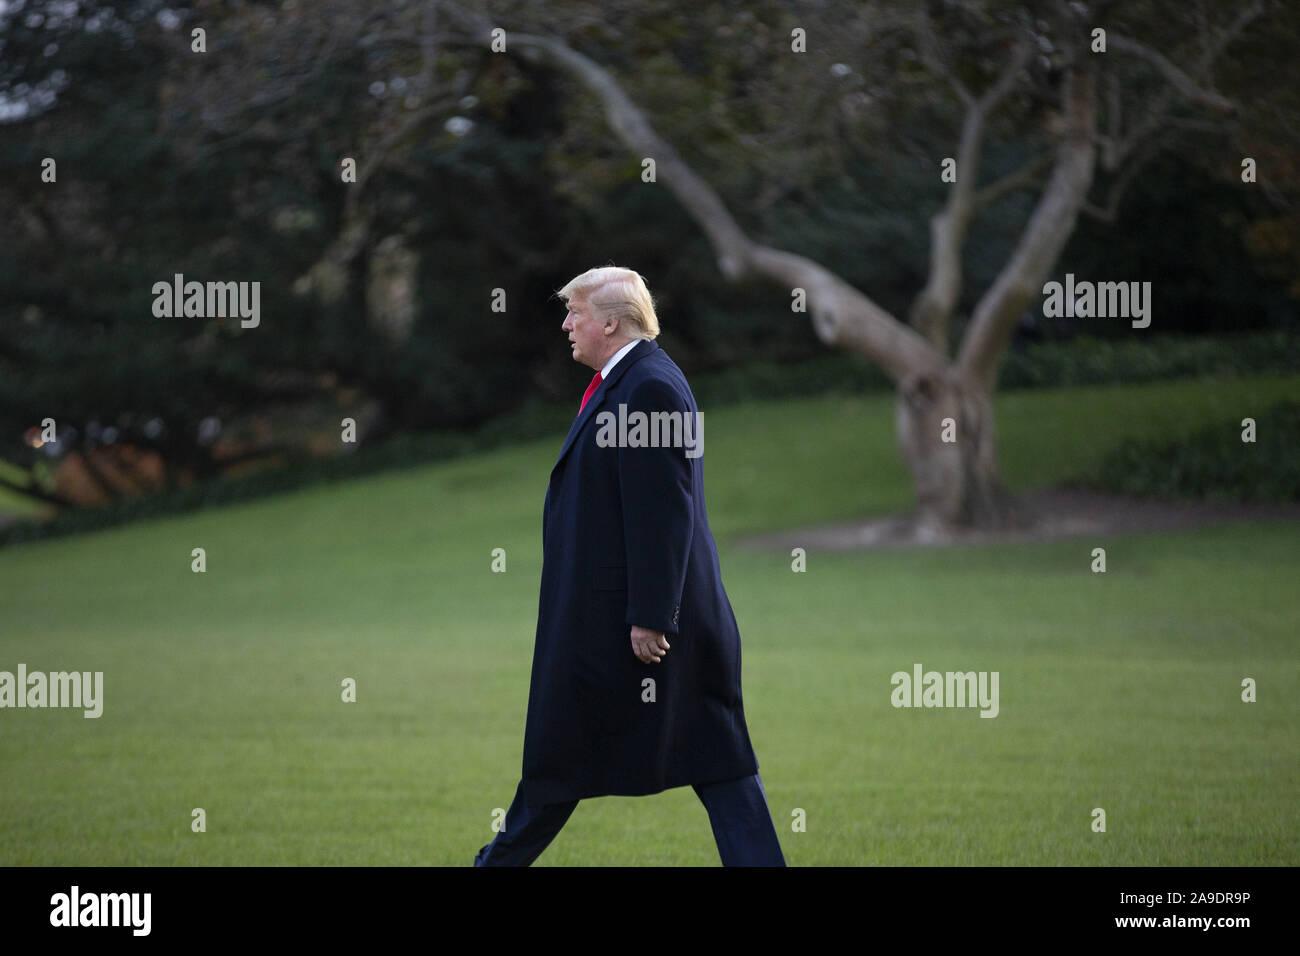 """Washington, District de Columbia, Etats-Unis. 14Th Nov, 2019. Le Président des Etats-Unis, Donald J. Trump promenades à bord d'un marin à la Maison Blanche à Washington, DC, États-Unis, le Jeudi, Novembre 14, 2019, alors qu'il part pour un """"Keep America Great'' rassemblement à Bossier City, en Louisiane. Credit: Stefani Reynolds/CNP/ZUMA/Alamy Fil Live News Banque D'Images"""